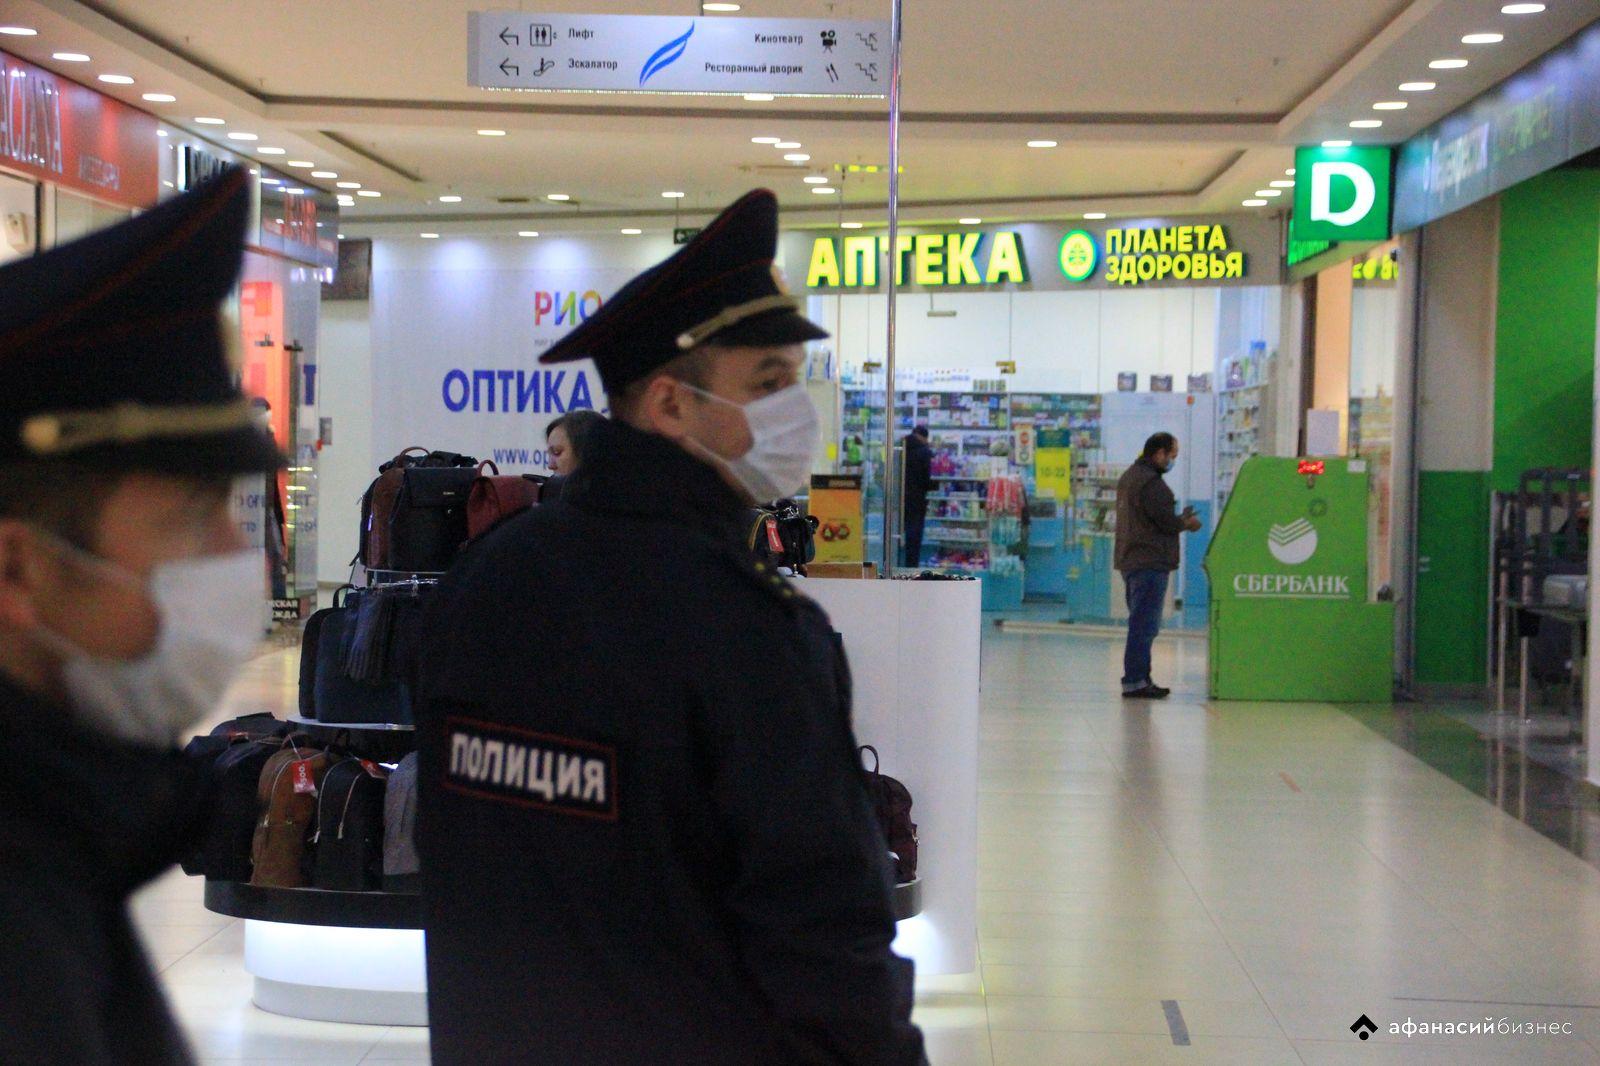 Игорь Руденя: с понедельника в Тверской области вводятся более жесткие эпидемиологические меры - новости Афанасий